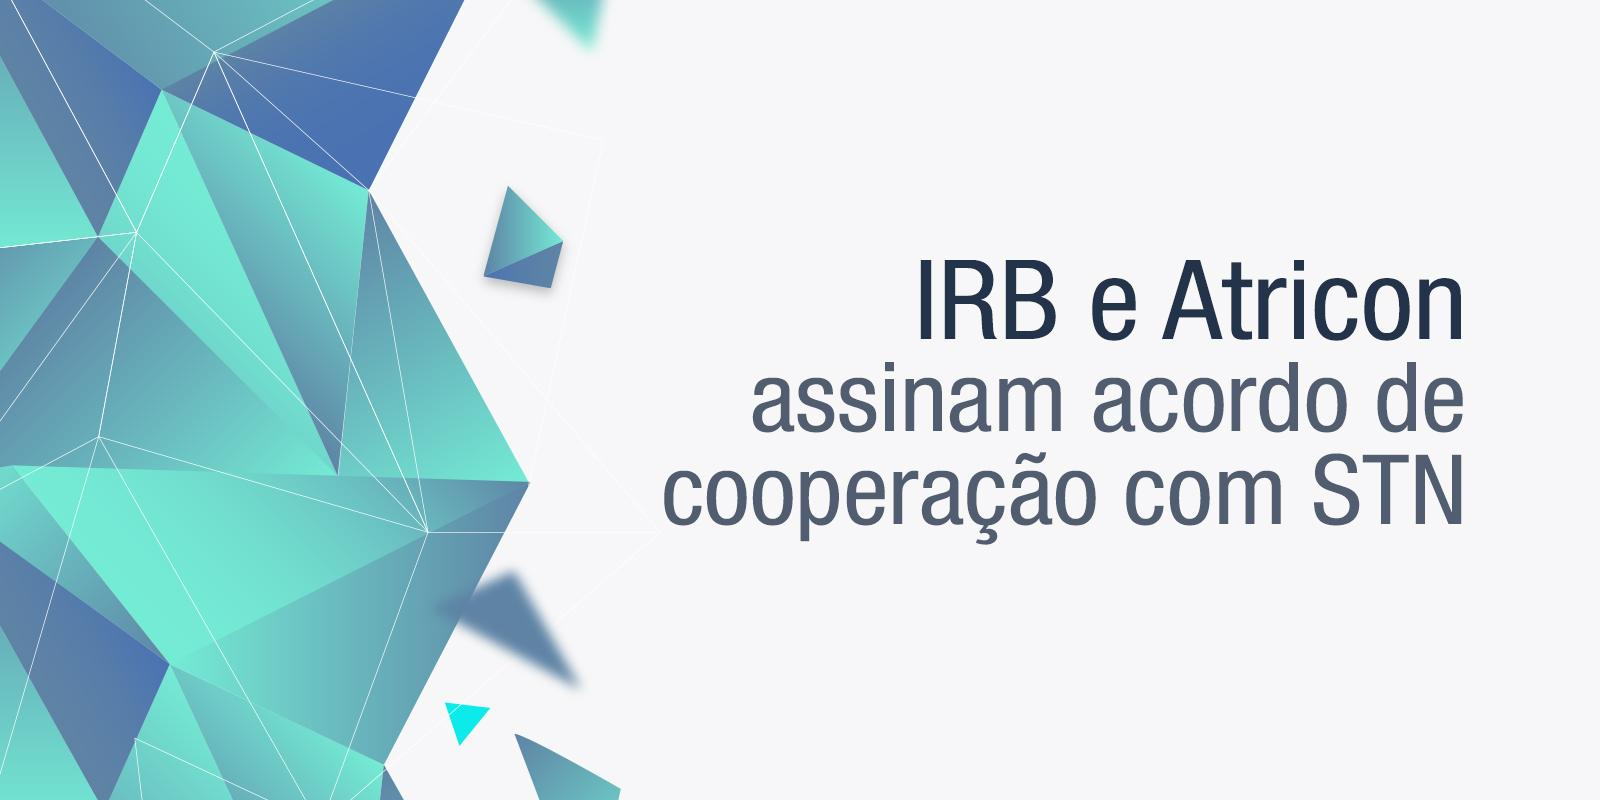 IRB e Atricon assinam acordo de cooperação com STN